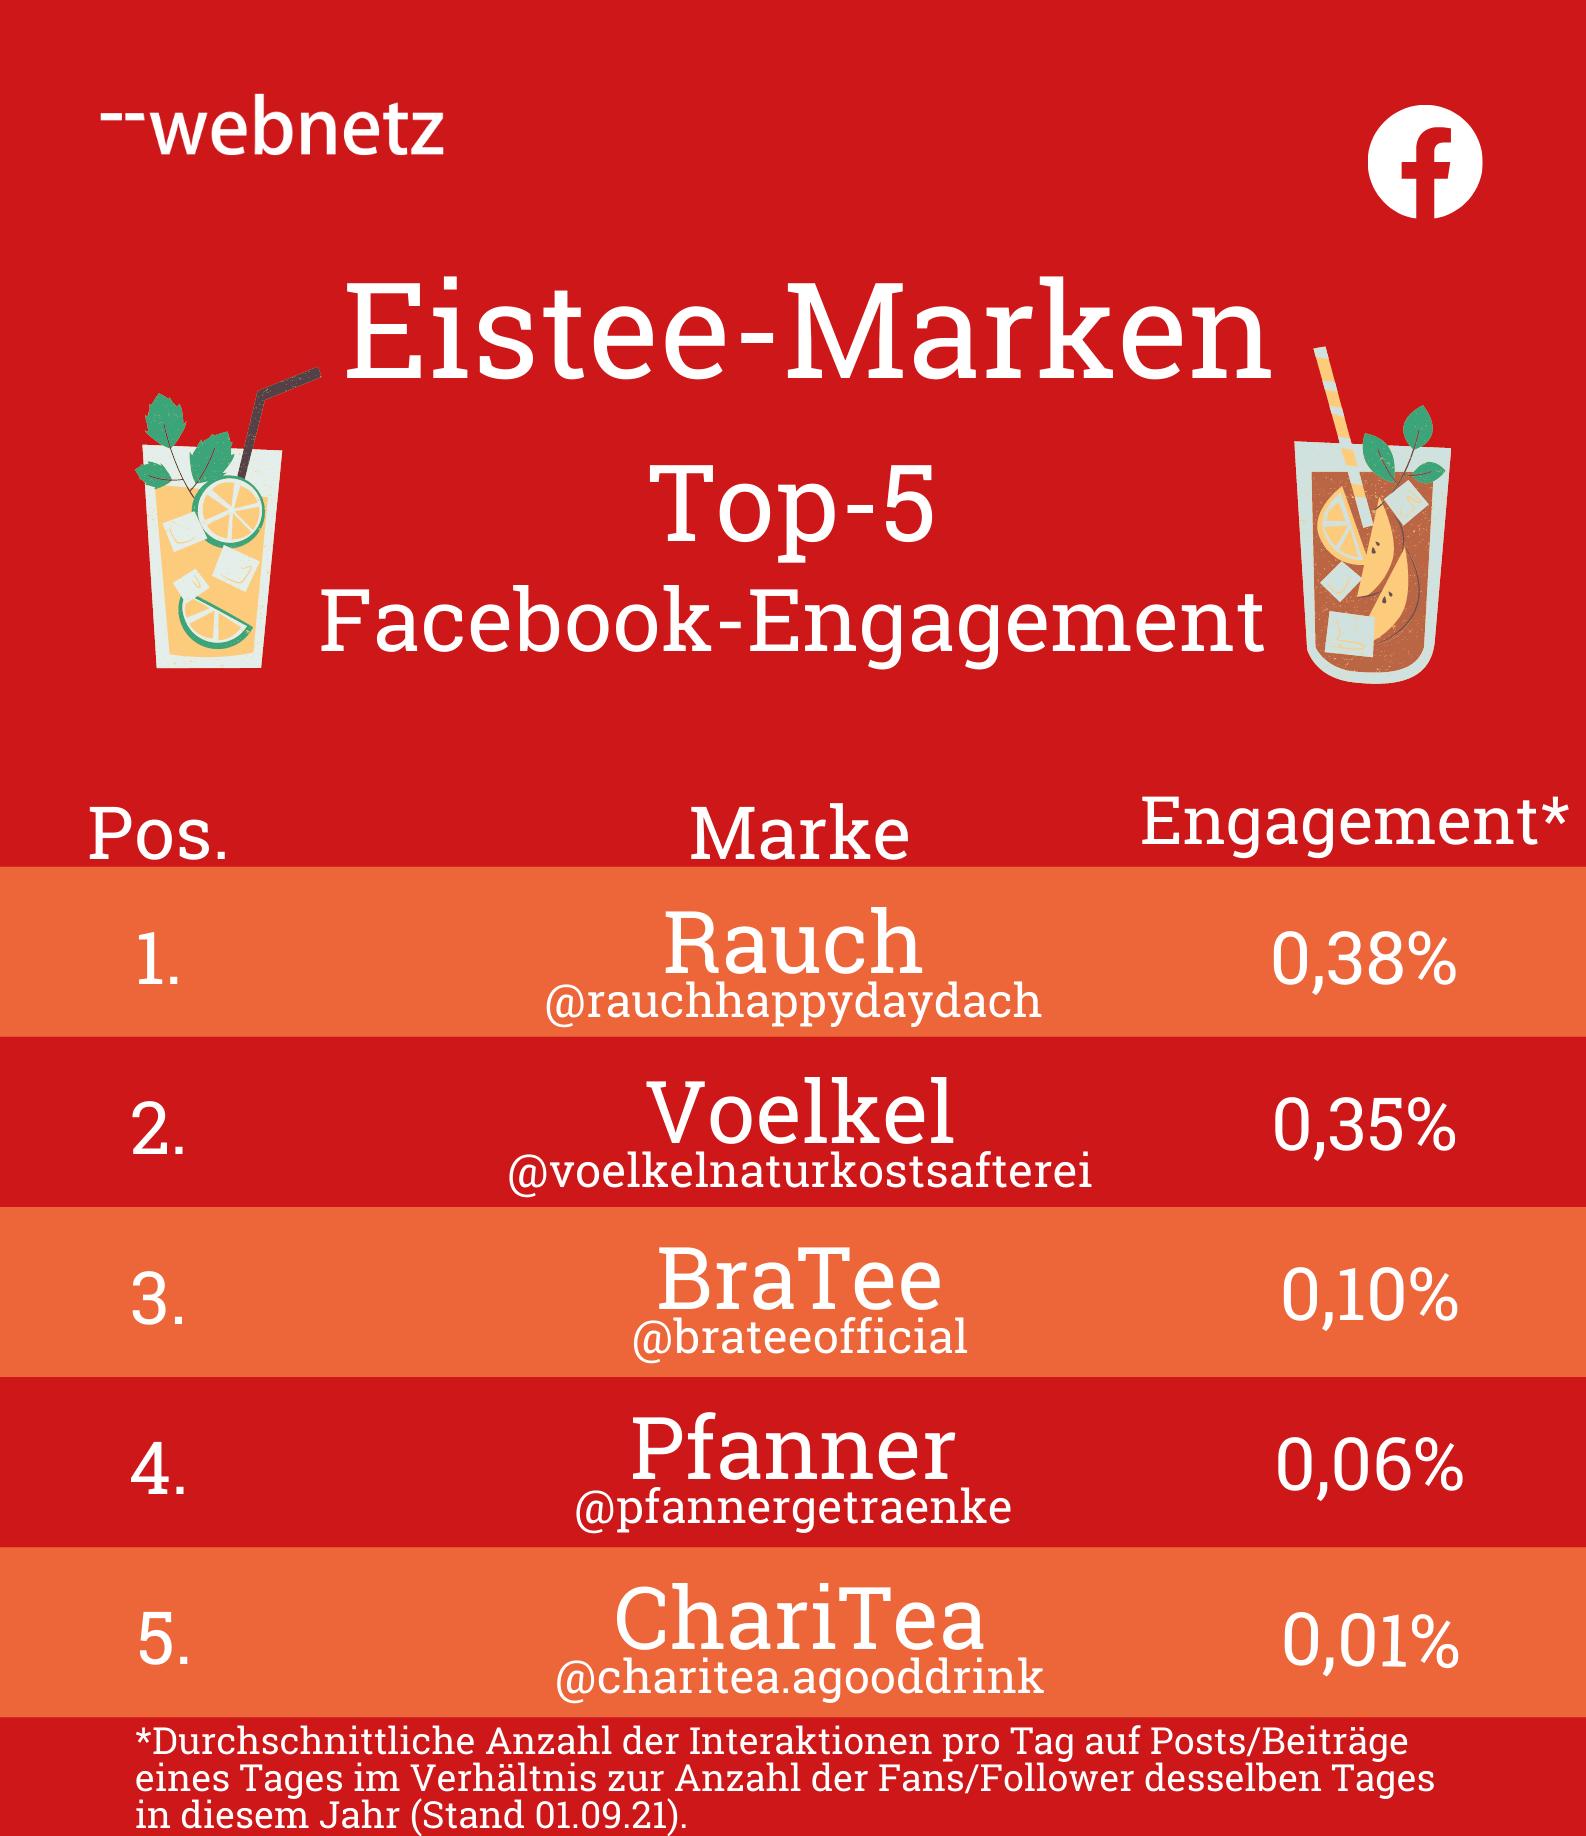 Top-5 Facebook-Engagement der Eistee-Marken